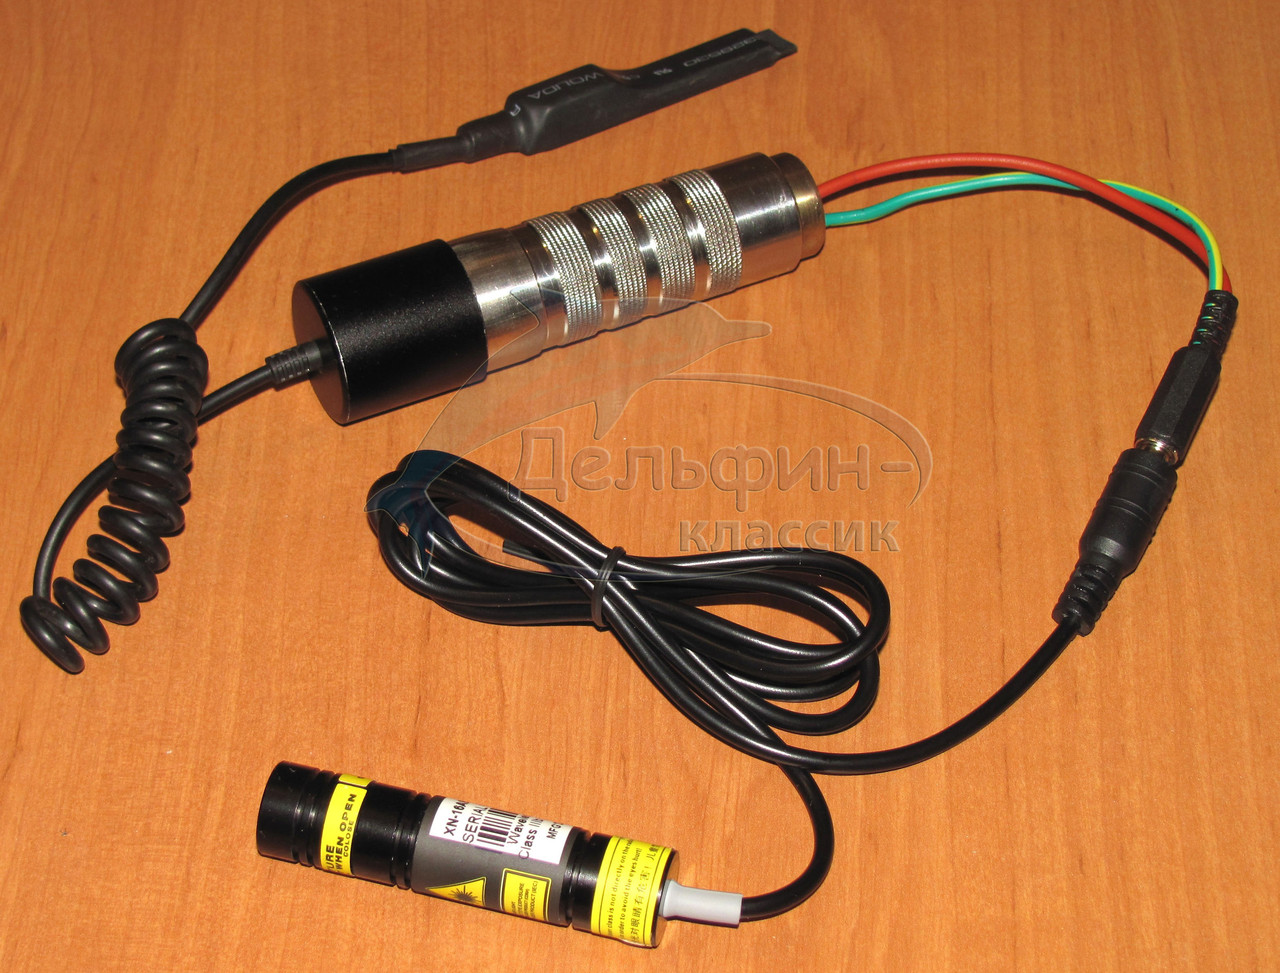 Инфракрасные подсветки для камер своими руками6